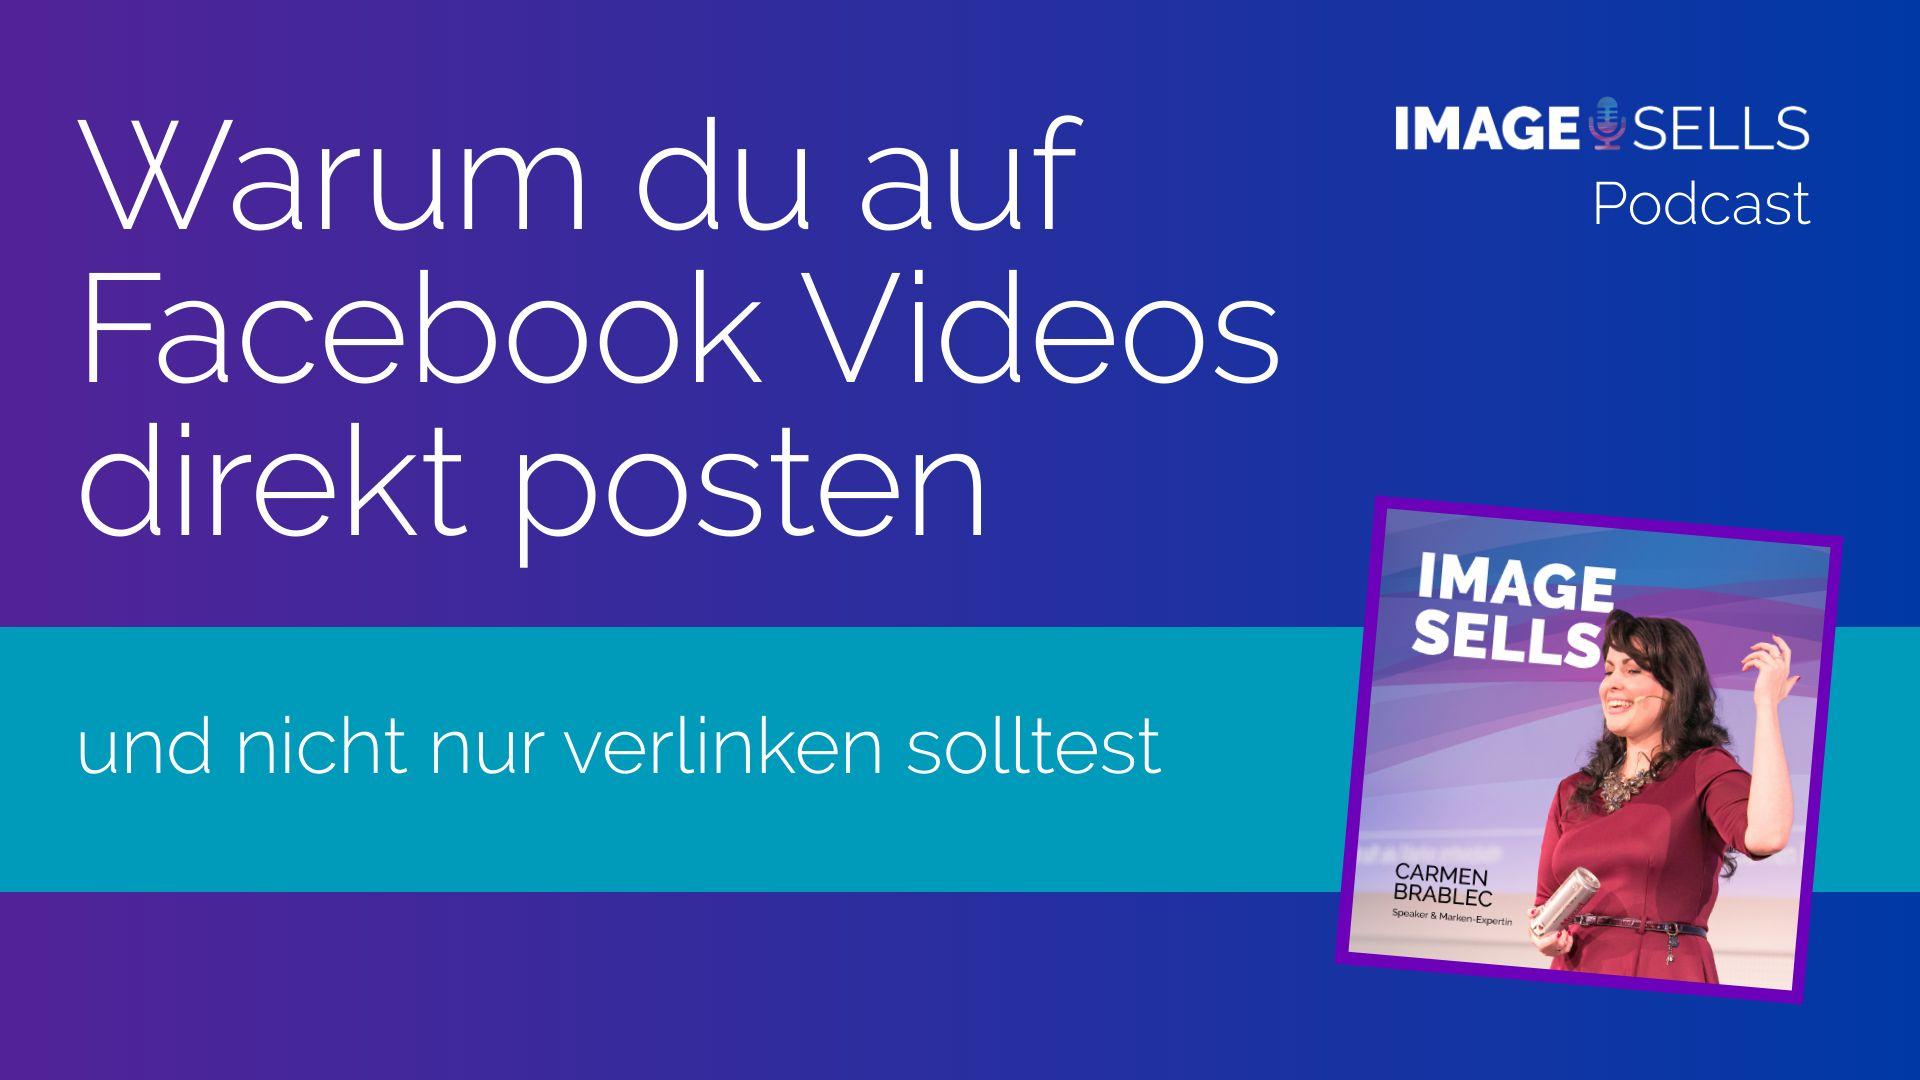 Warum Du auf Facebook Videos direkt posten und nicht nur verlinken solltest – ISP #039